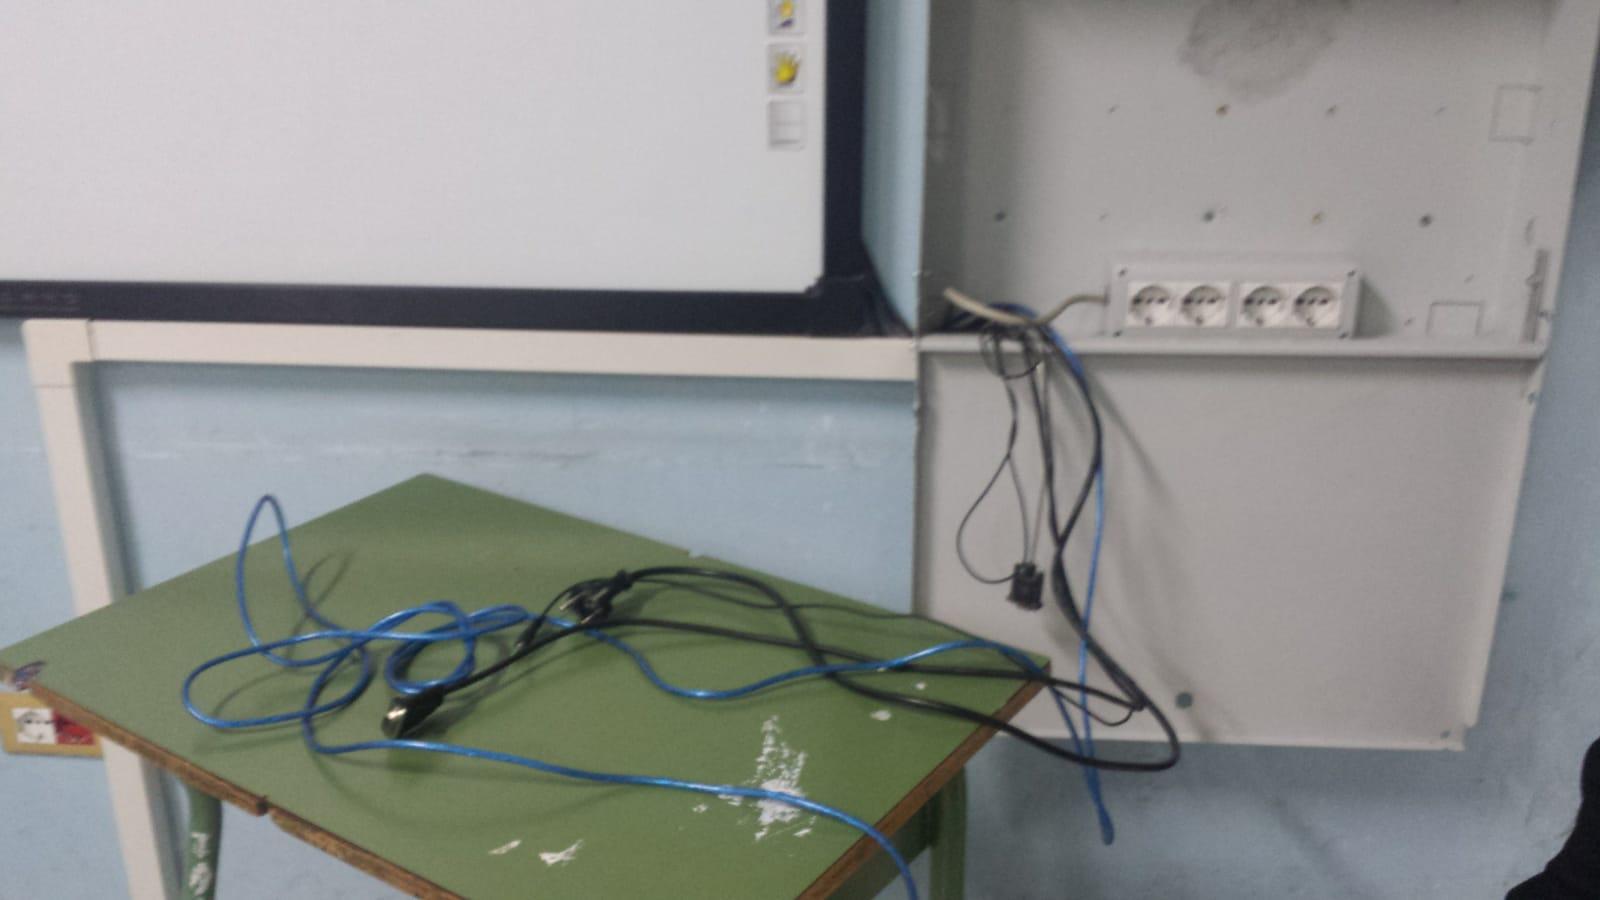 FOTO - Scuola devastata dai vandali e Soriano, le immagini dei danni